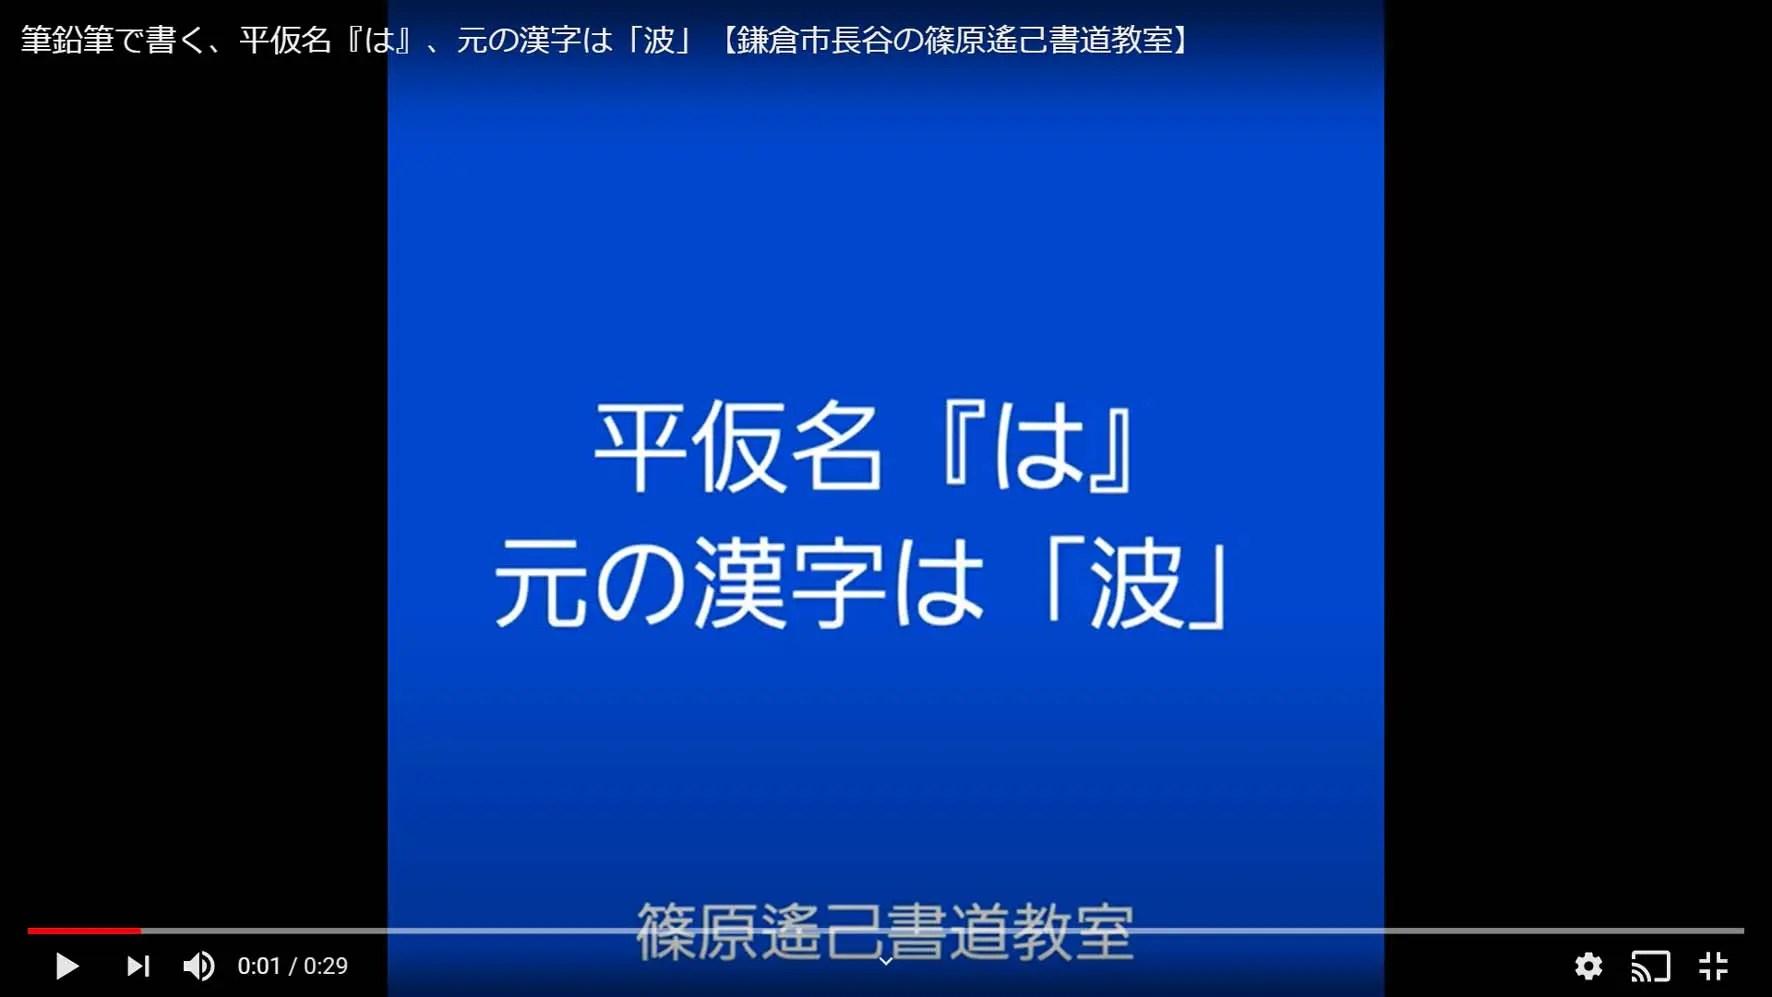 筆鉛筆で書く、平仮名『は』【手書き動画】鎌倉市長谷の書道教室